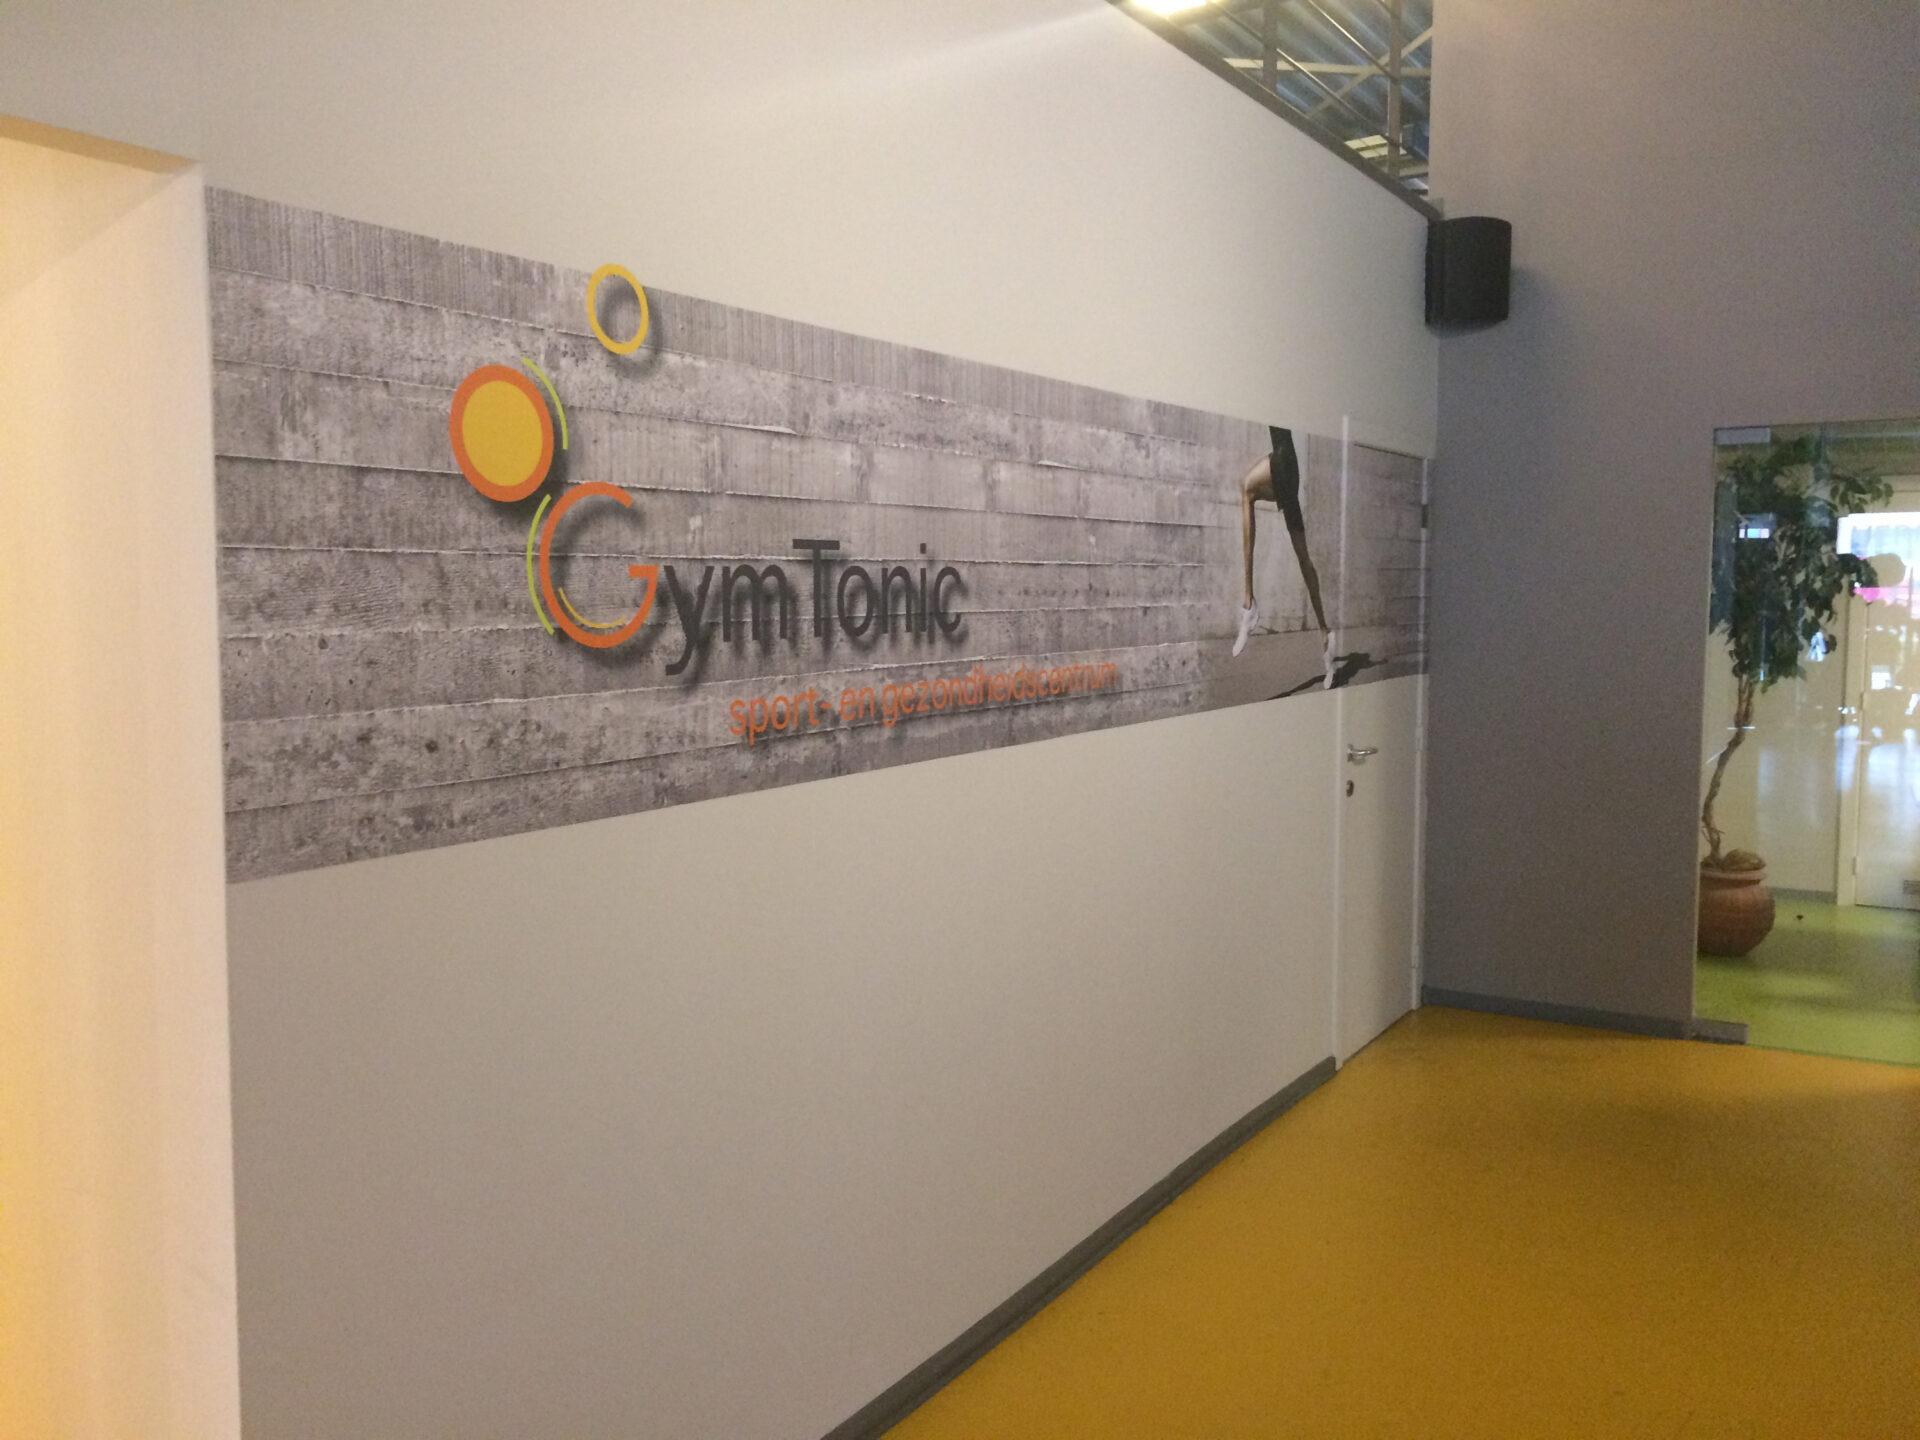 GymTonic bestickering binnen